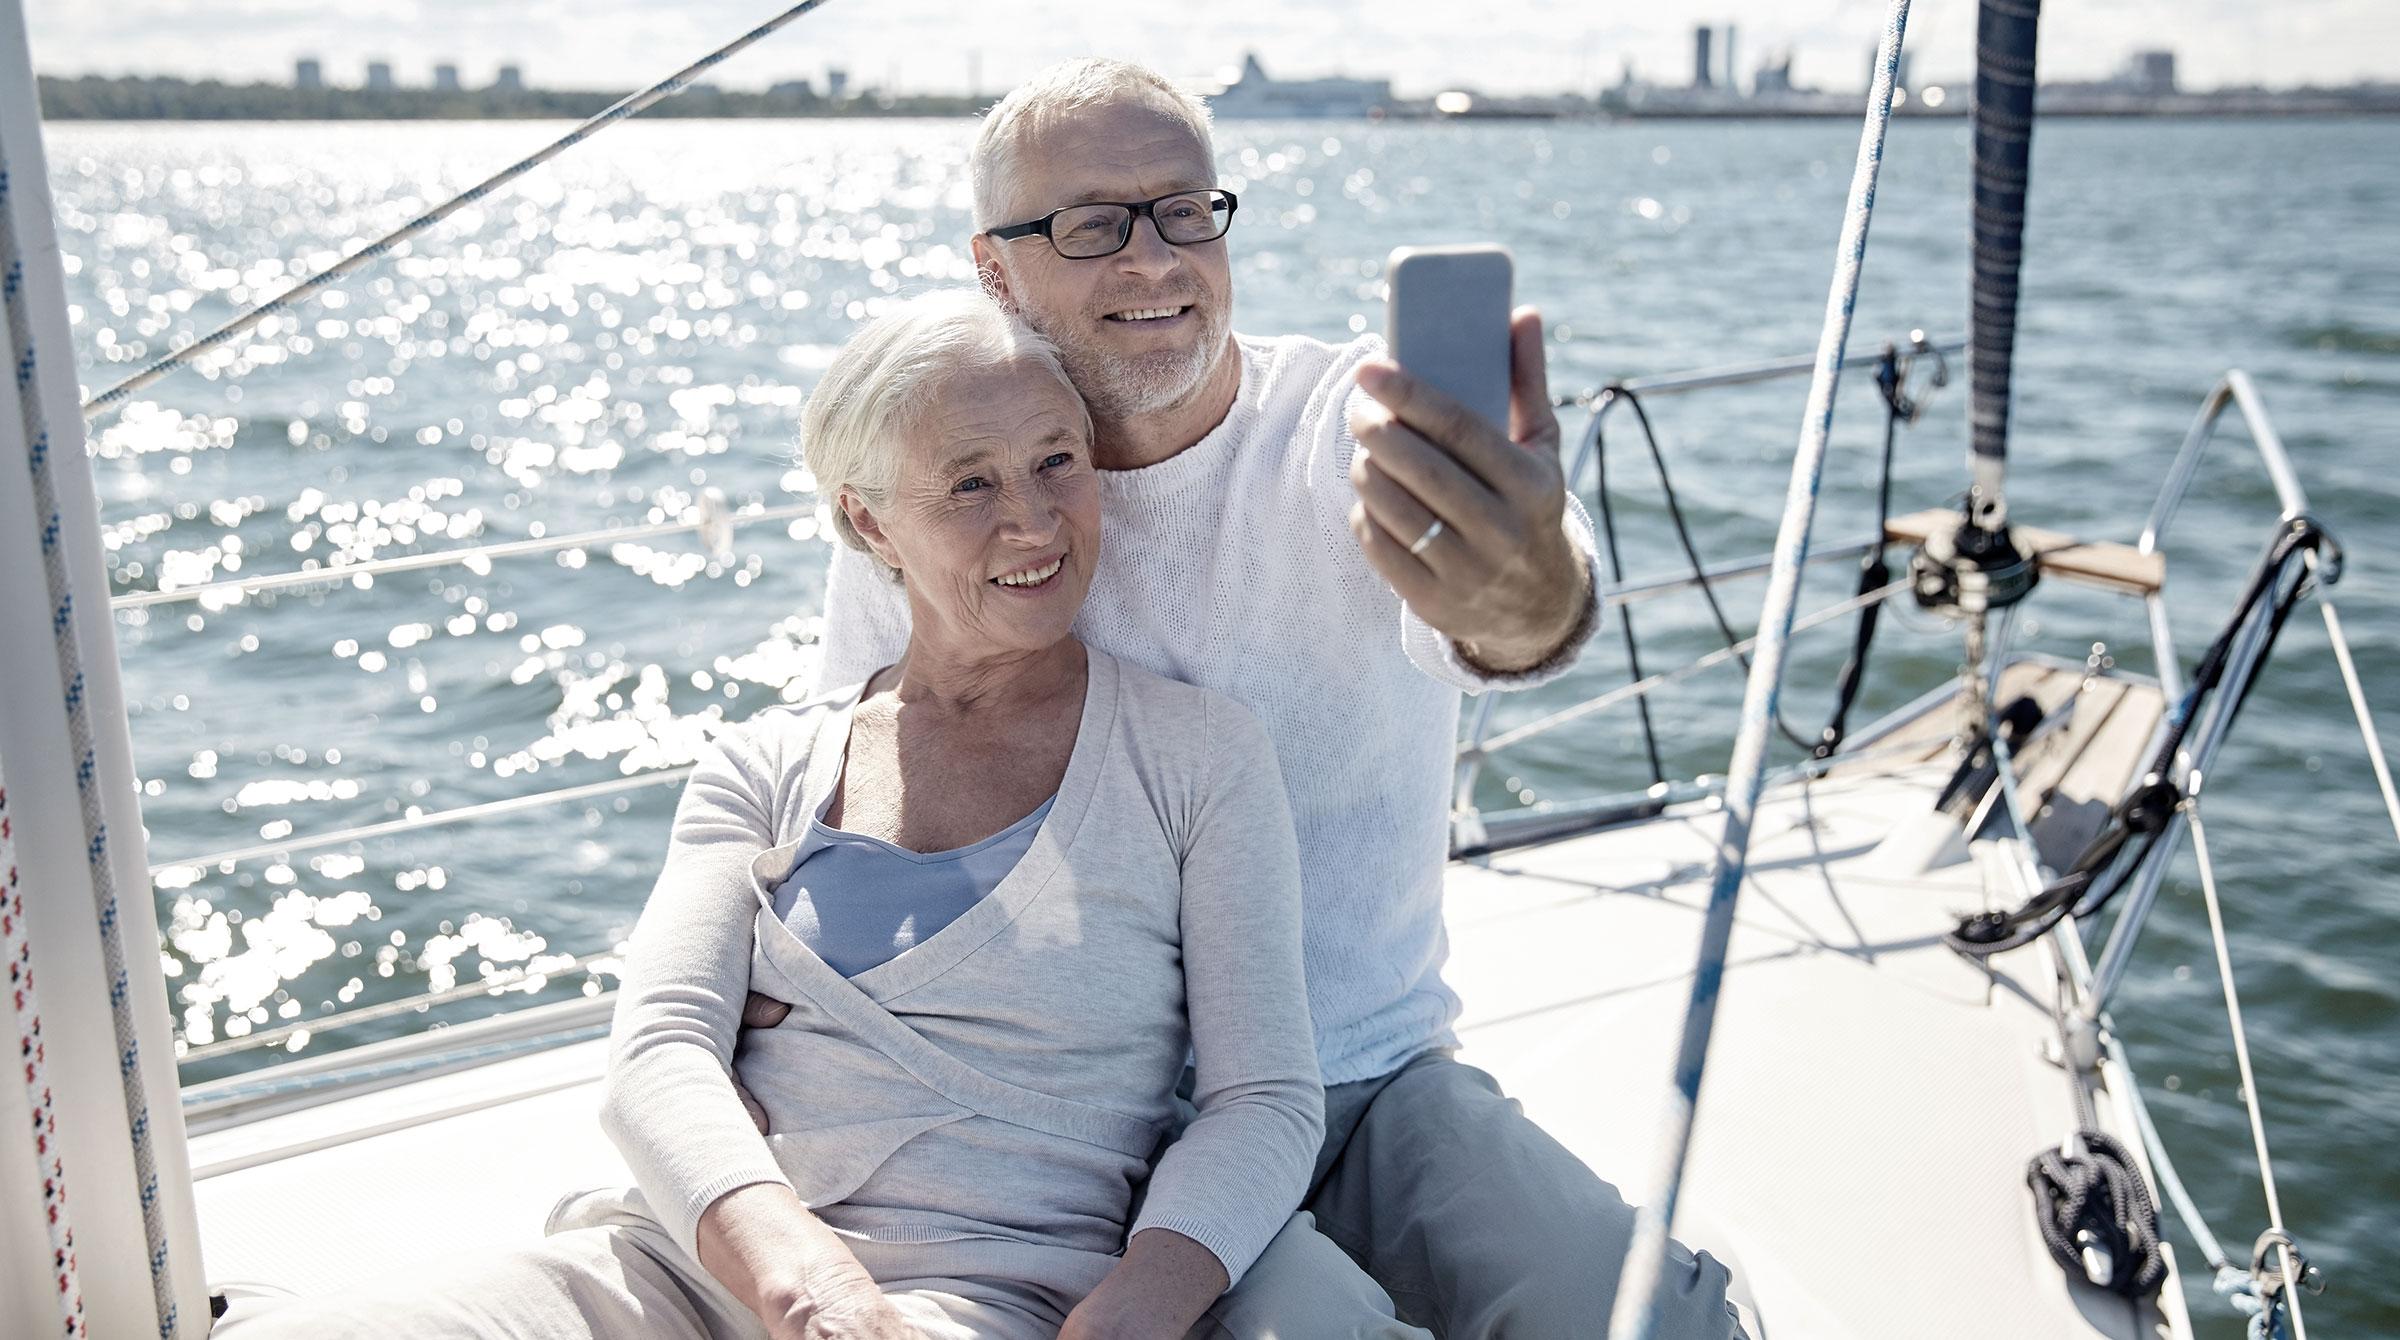 Introbild Kredite für Rentner